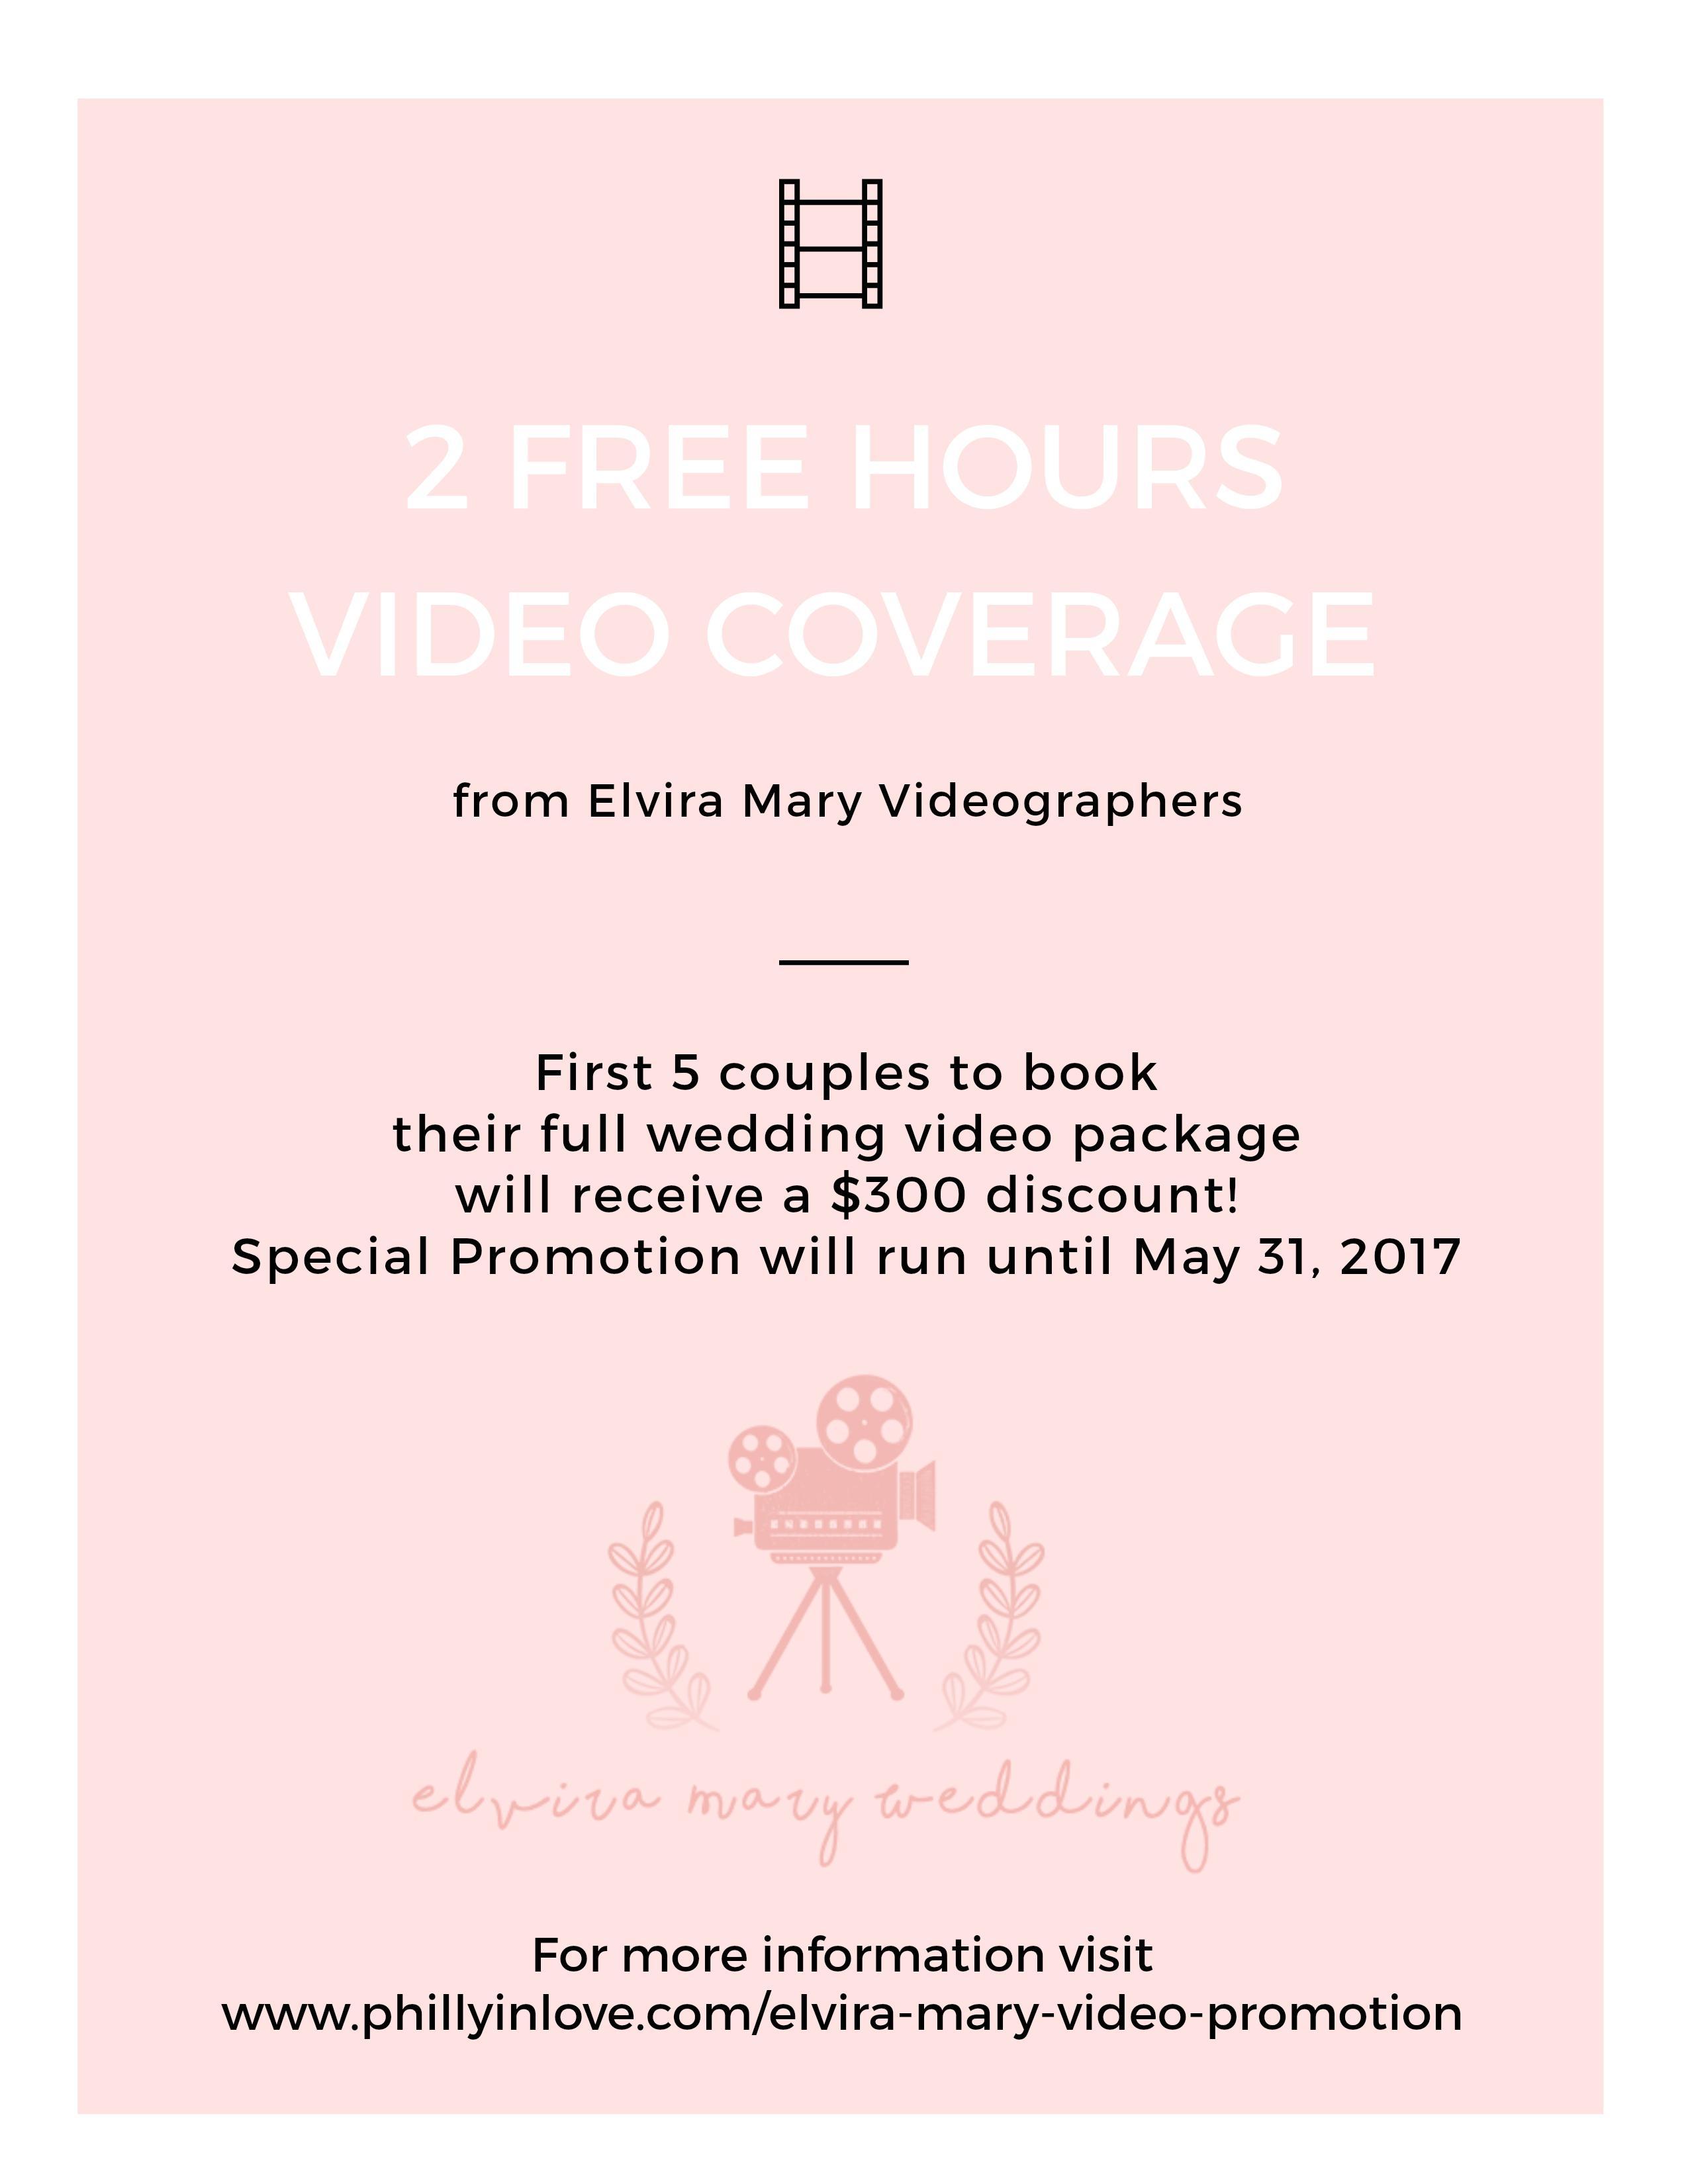 Elvira Mary Videographers